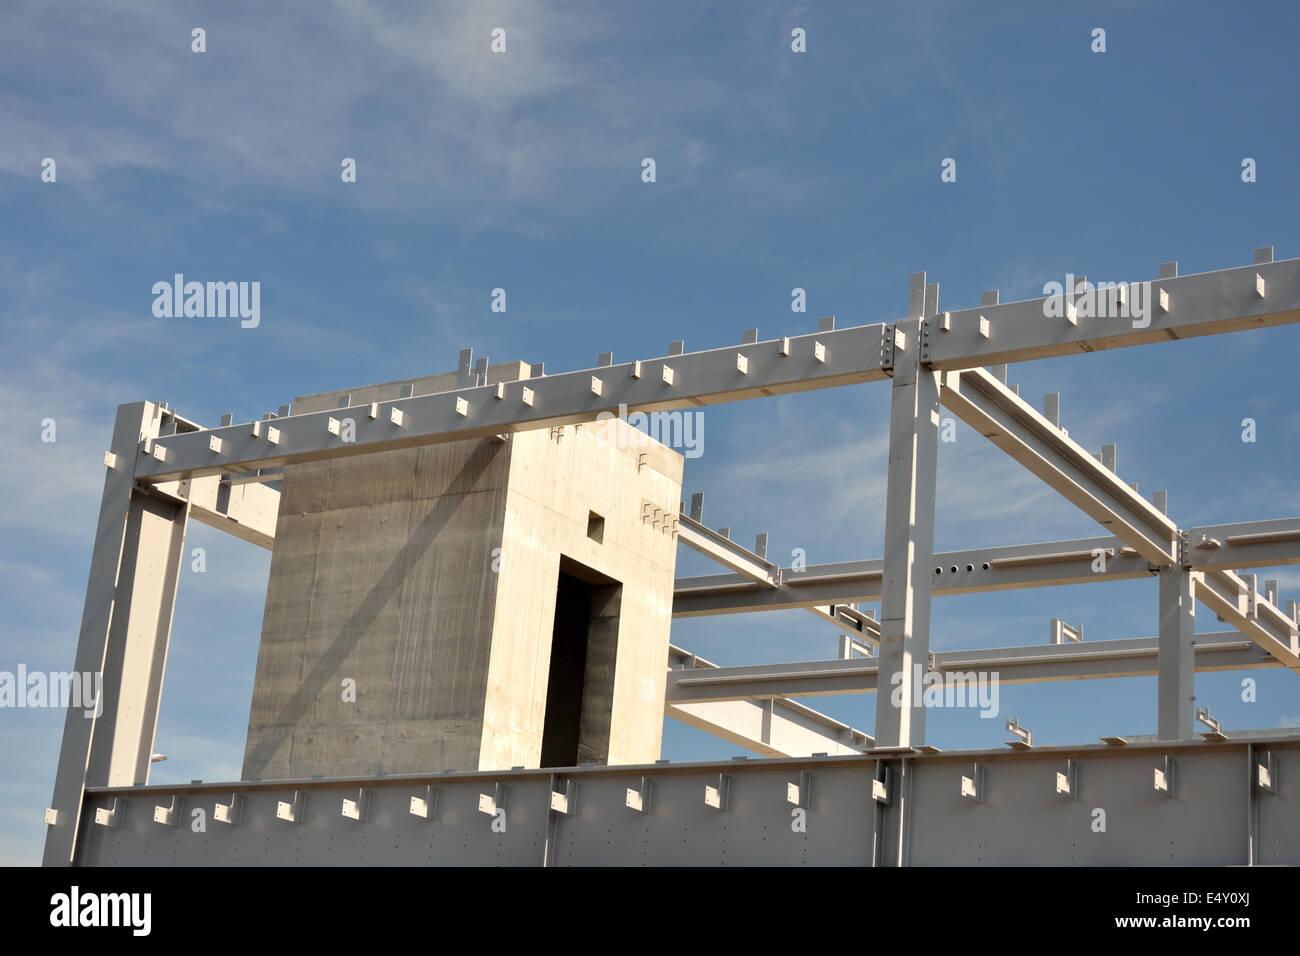 Beton und Stahl Gebäude Rahmen Stockfoto, Bild: 71893546 - Alamy